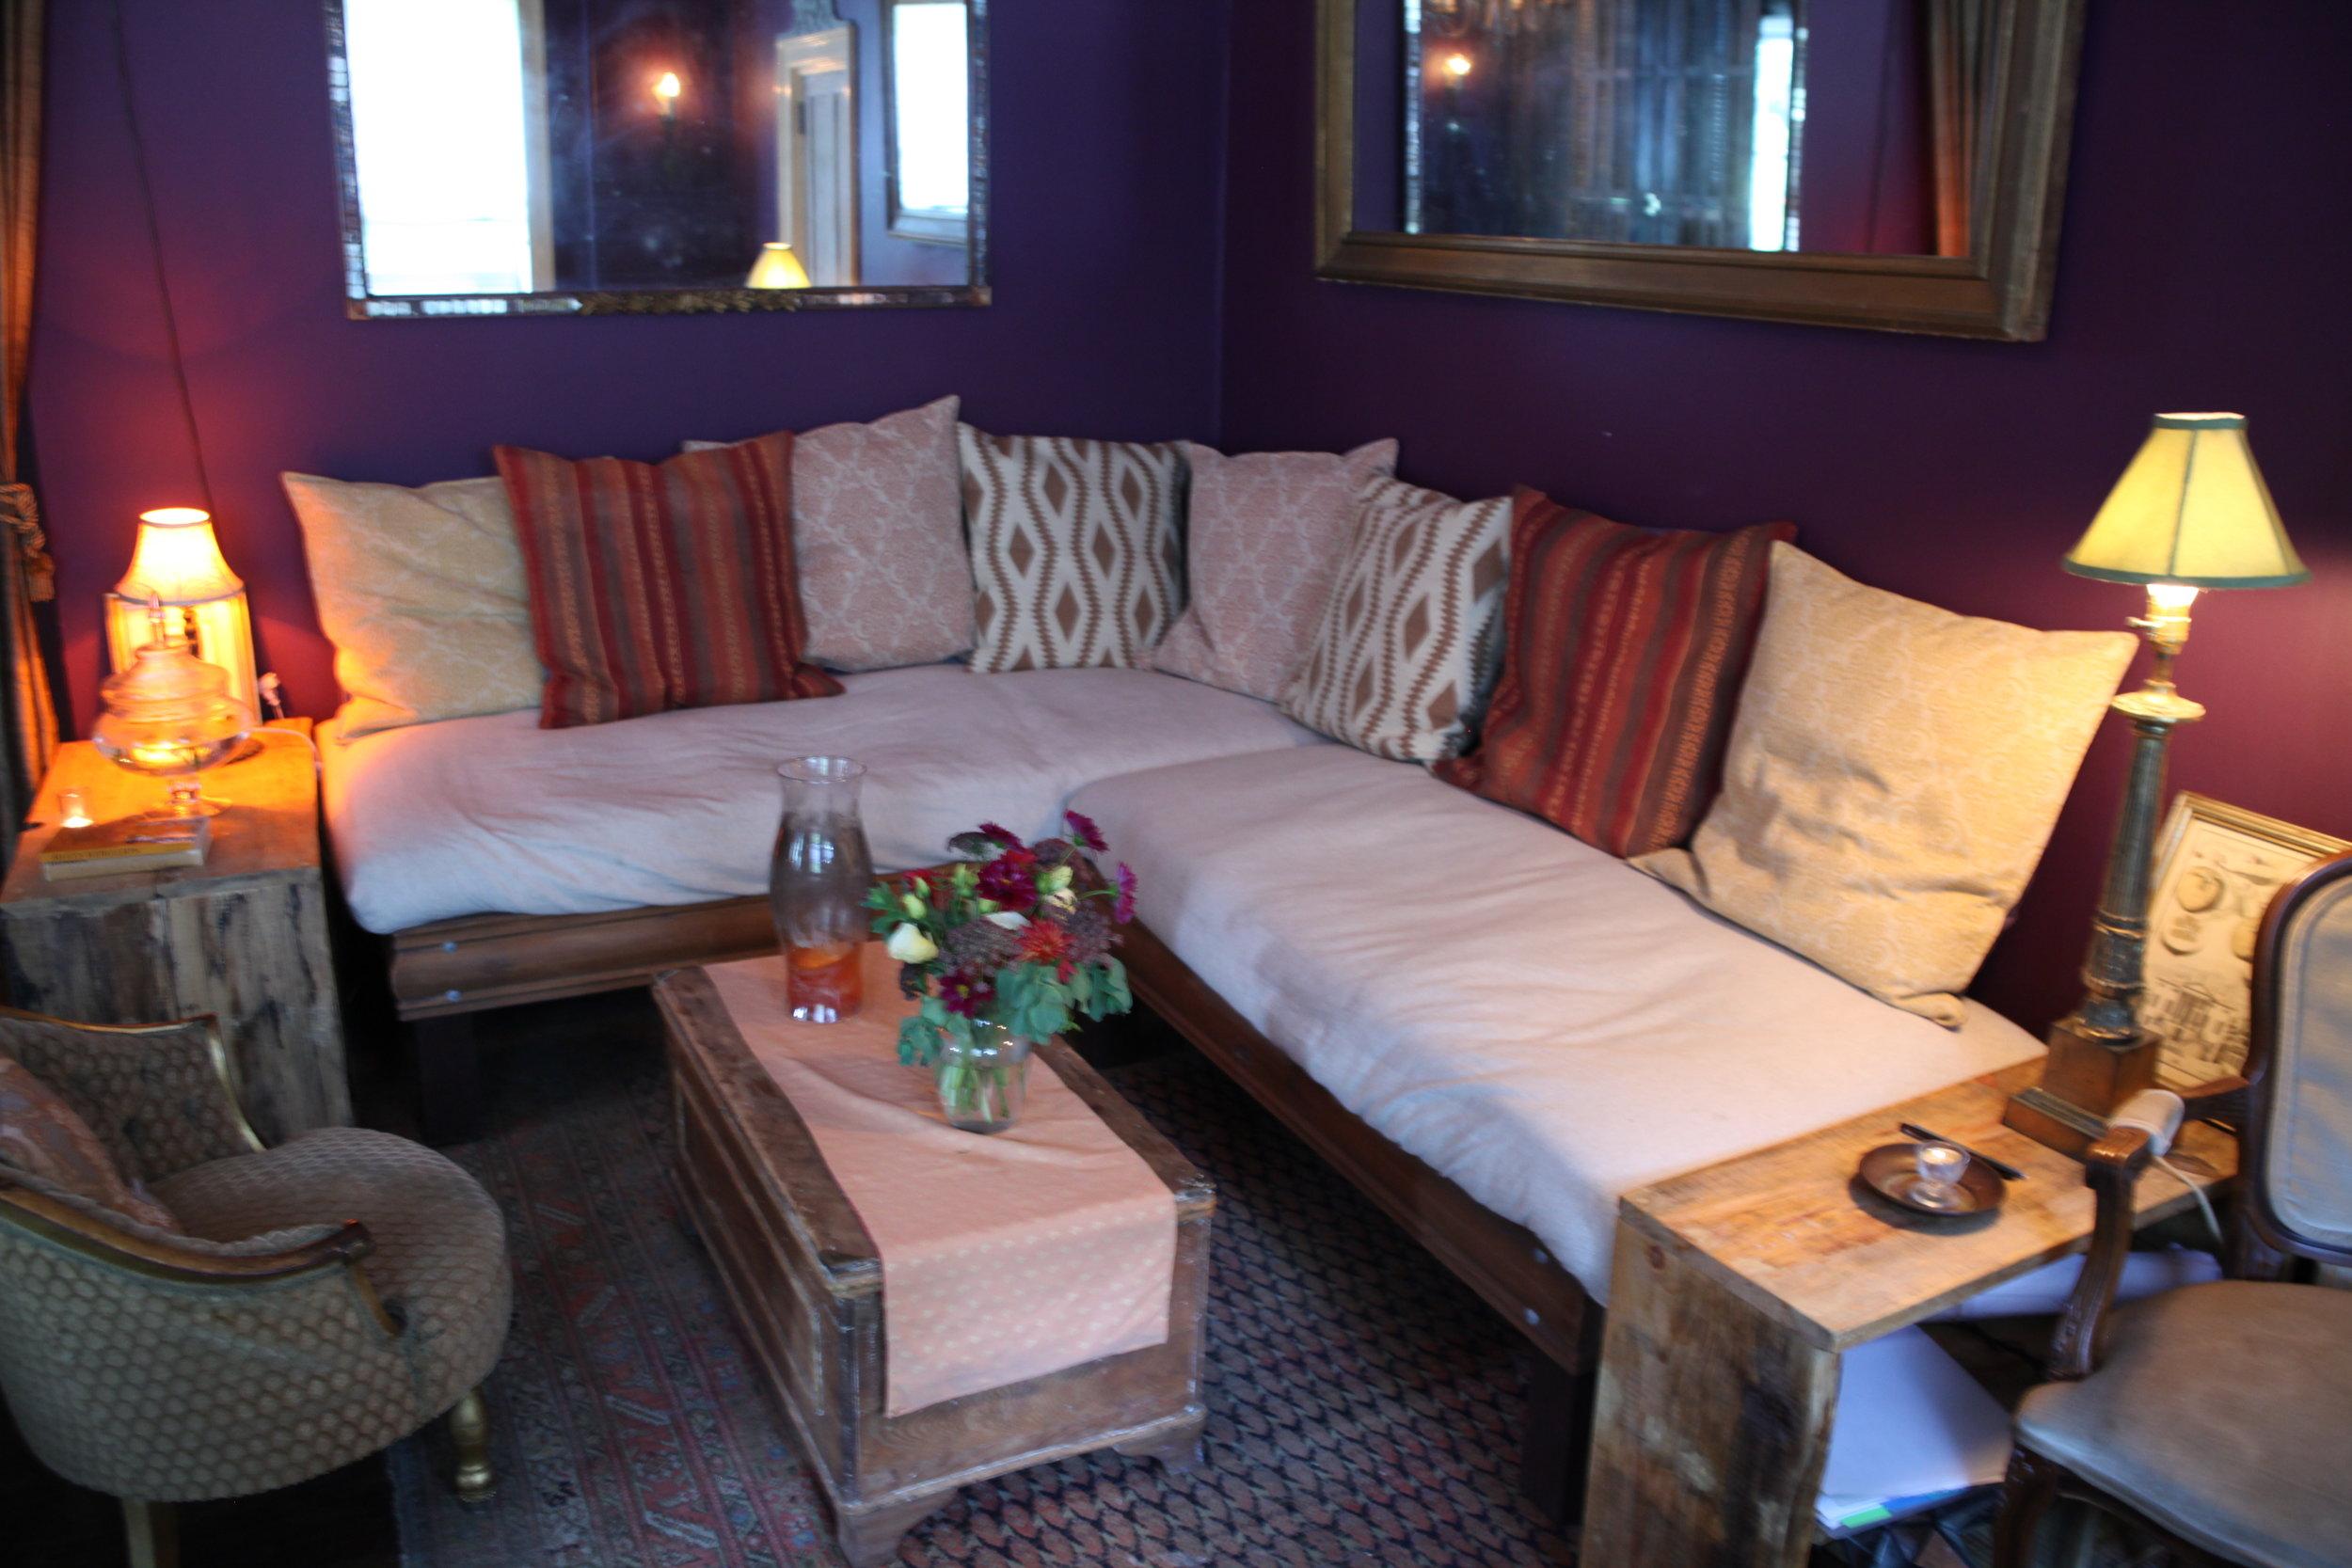 Shays Lounge